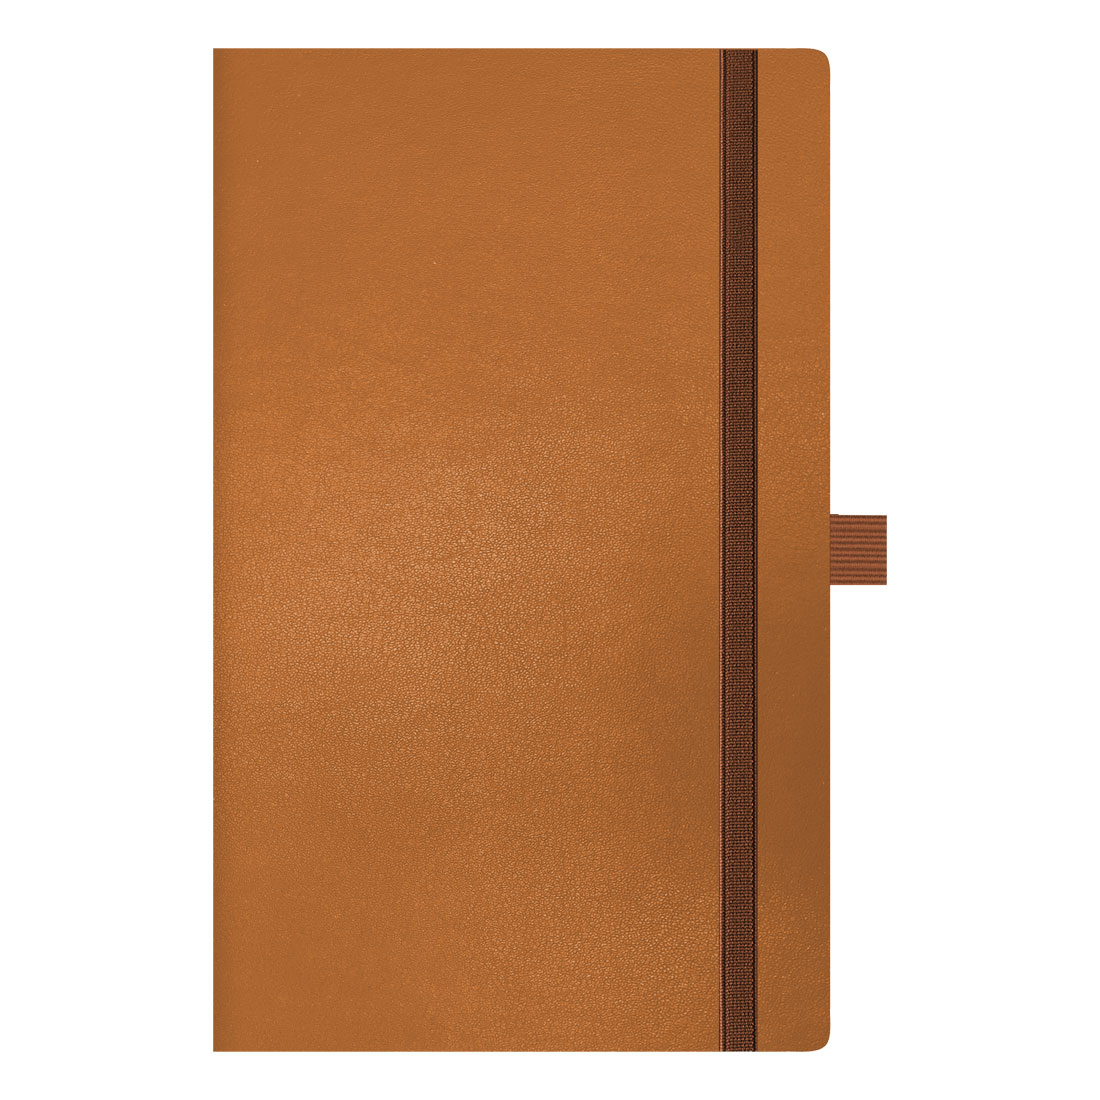 Tan leather 462